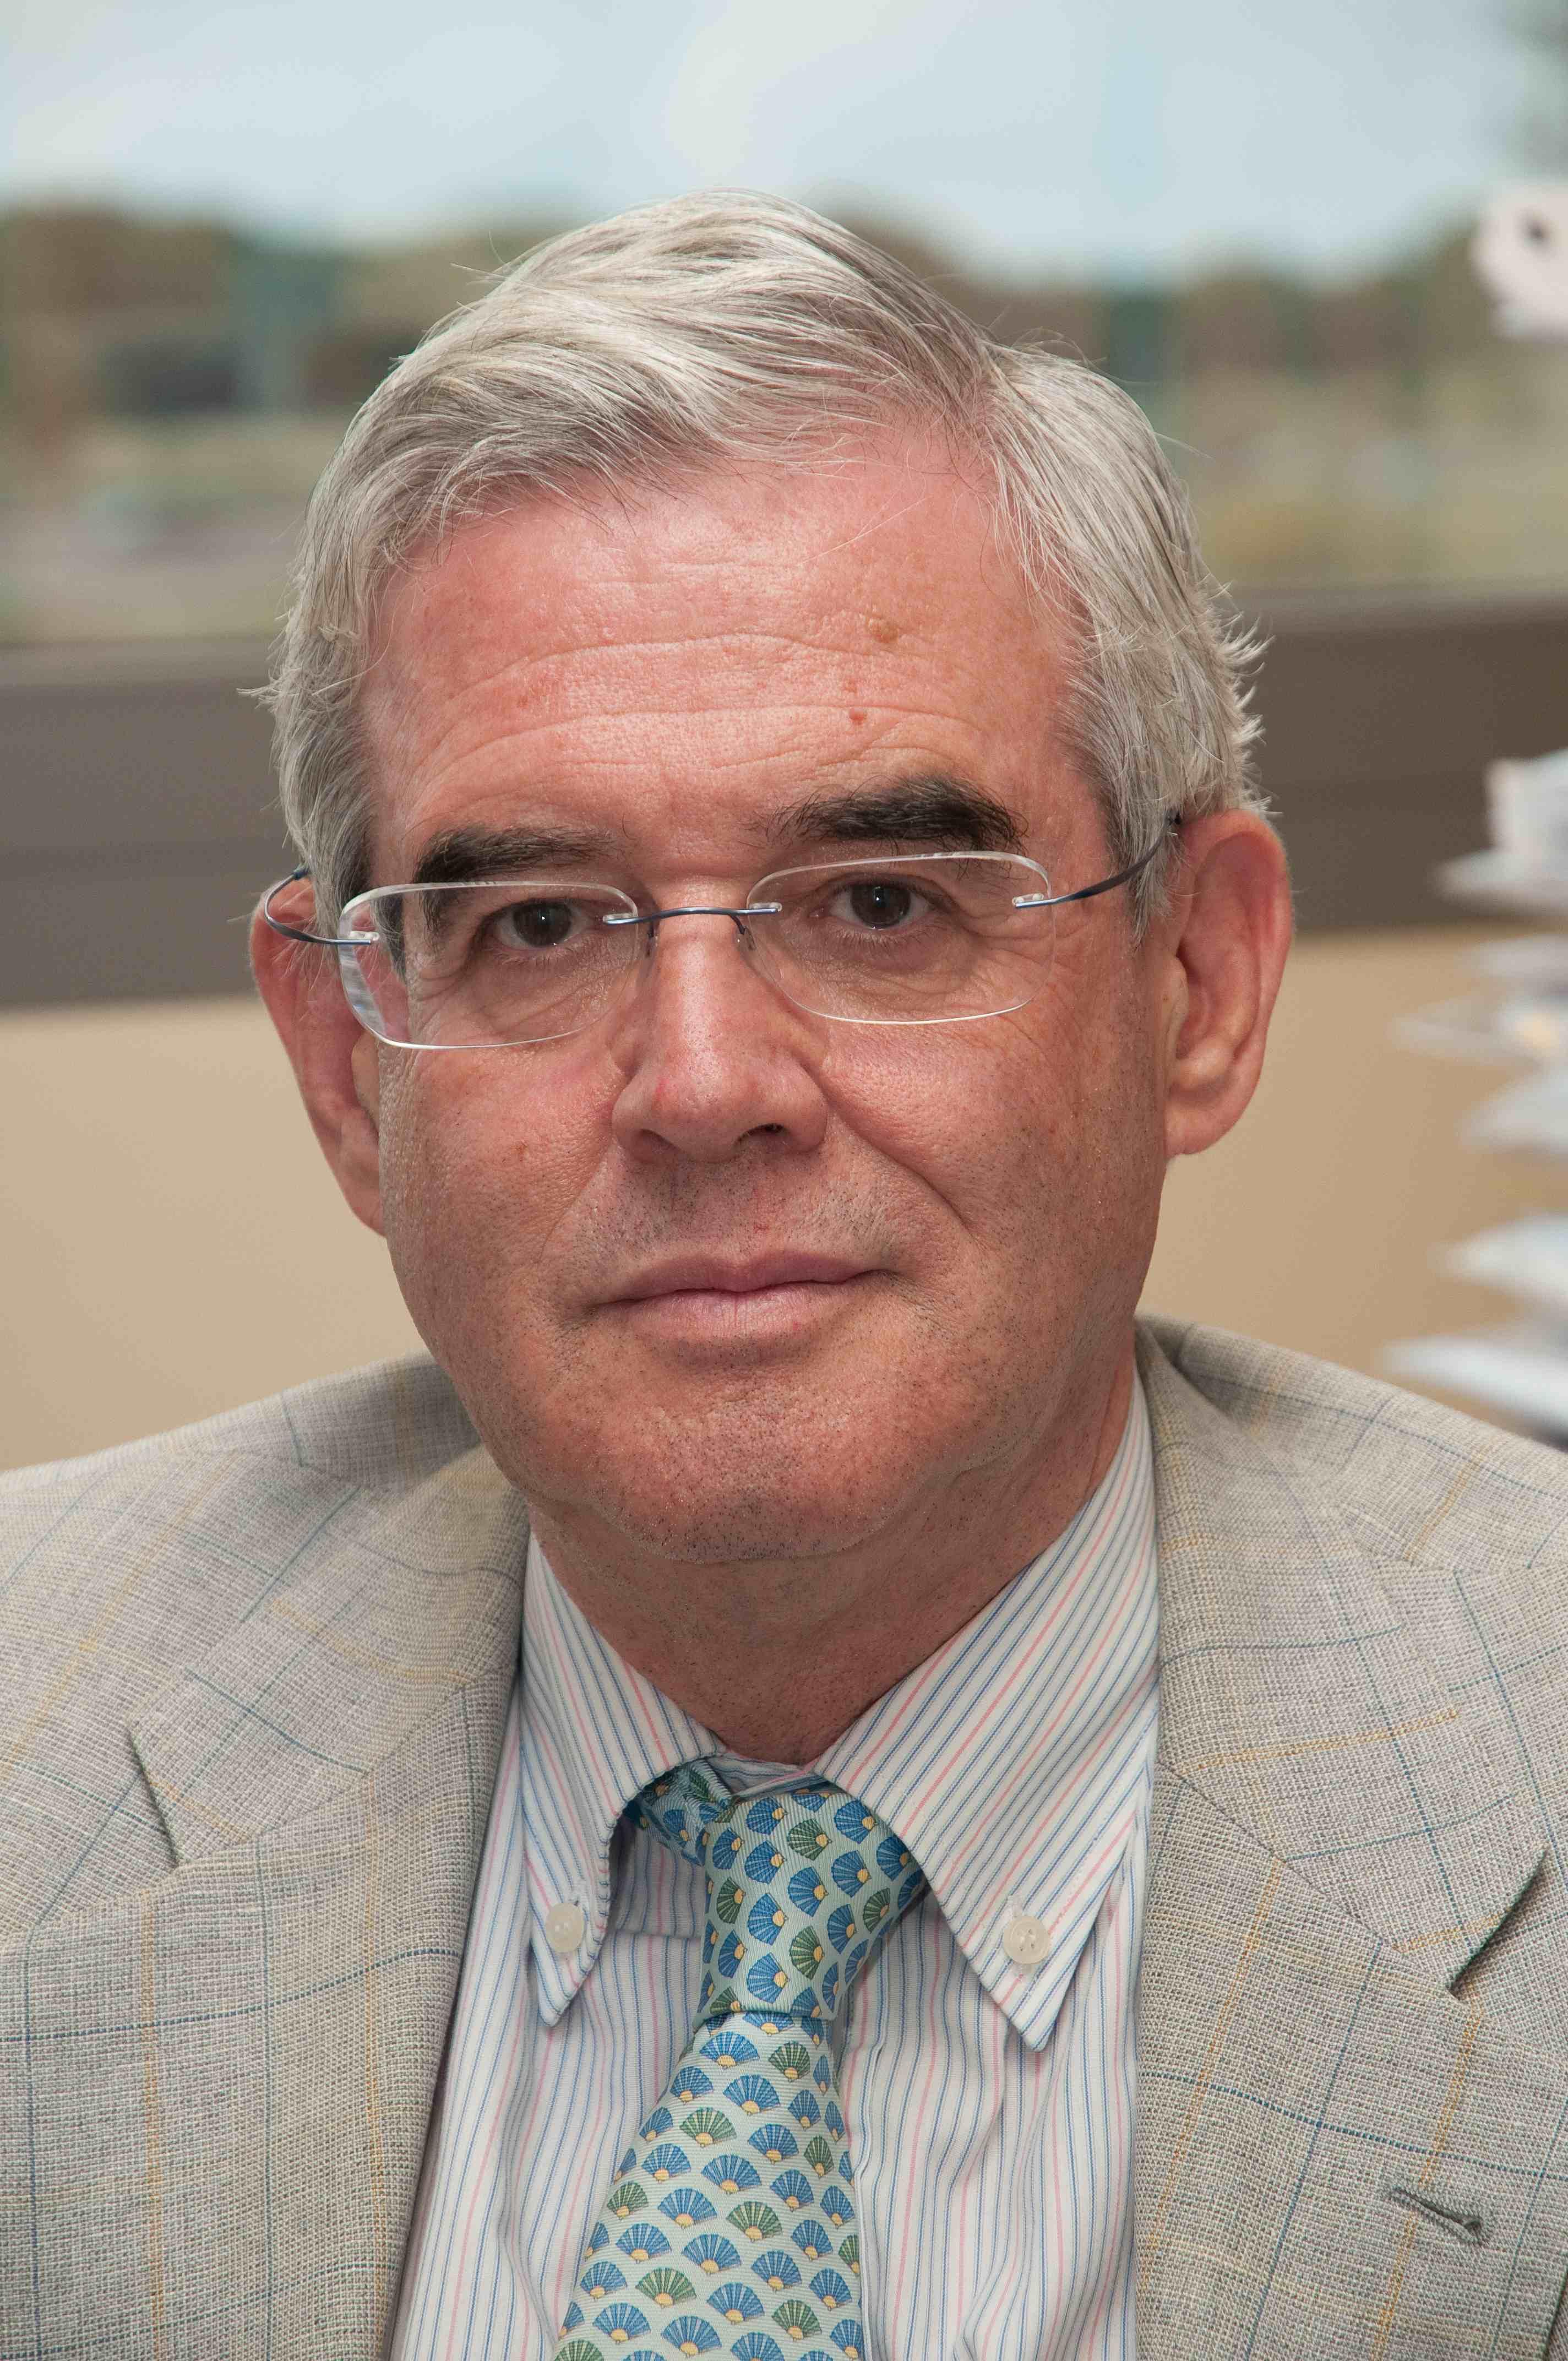 image of Jesús Ávila de Grado